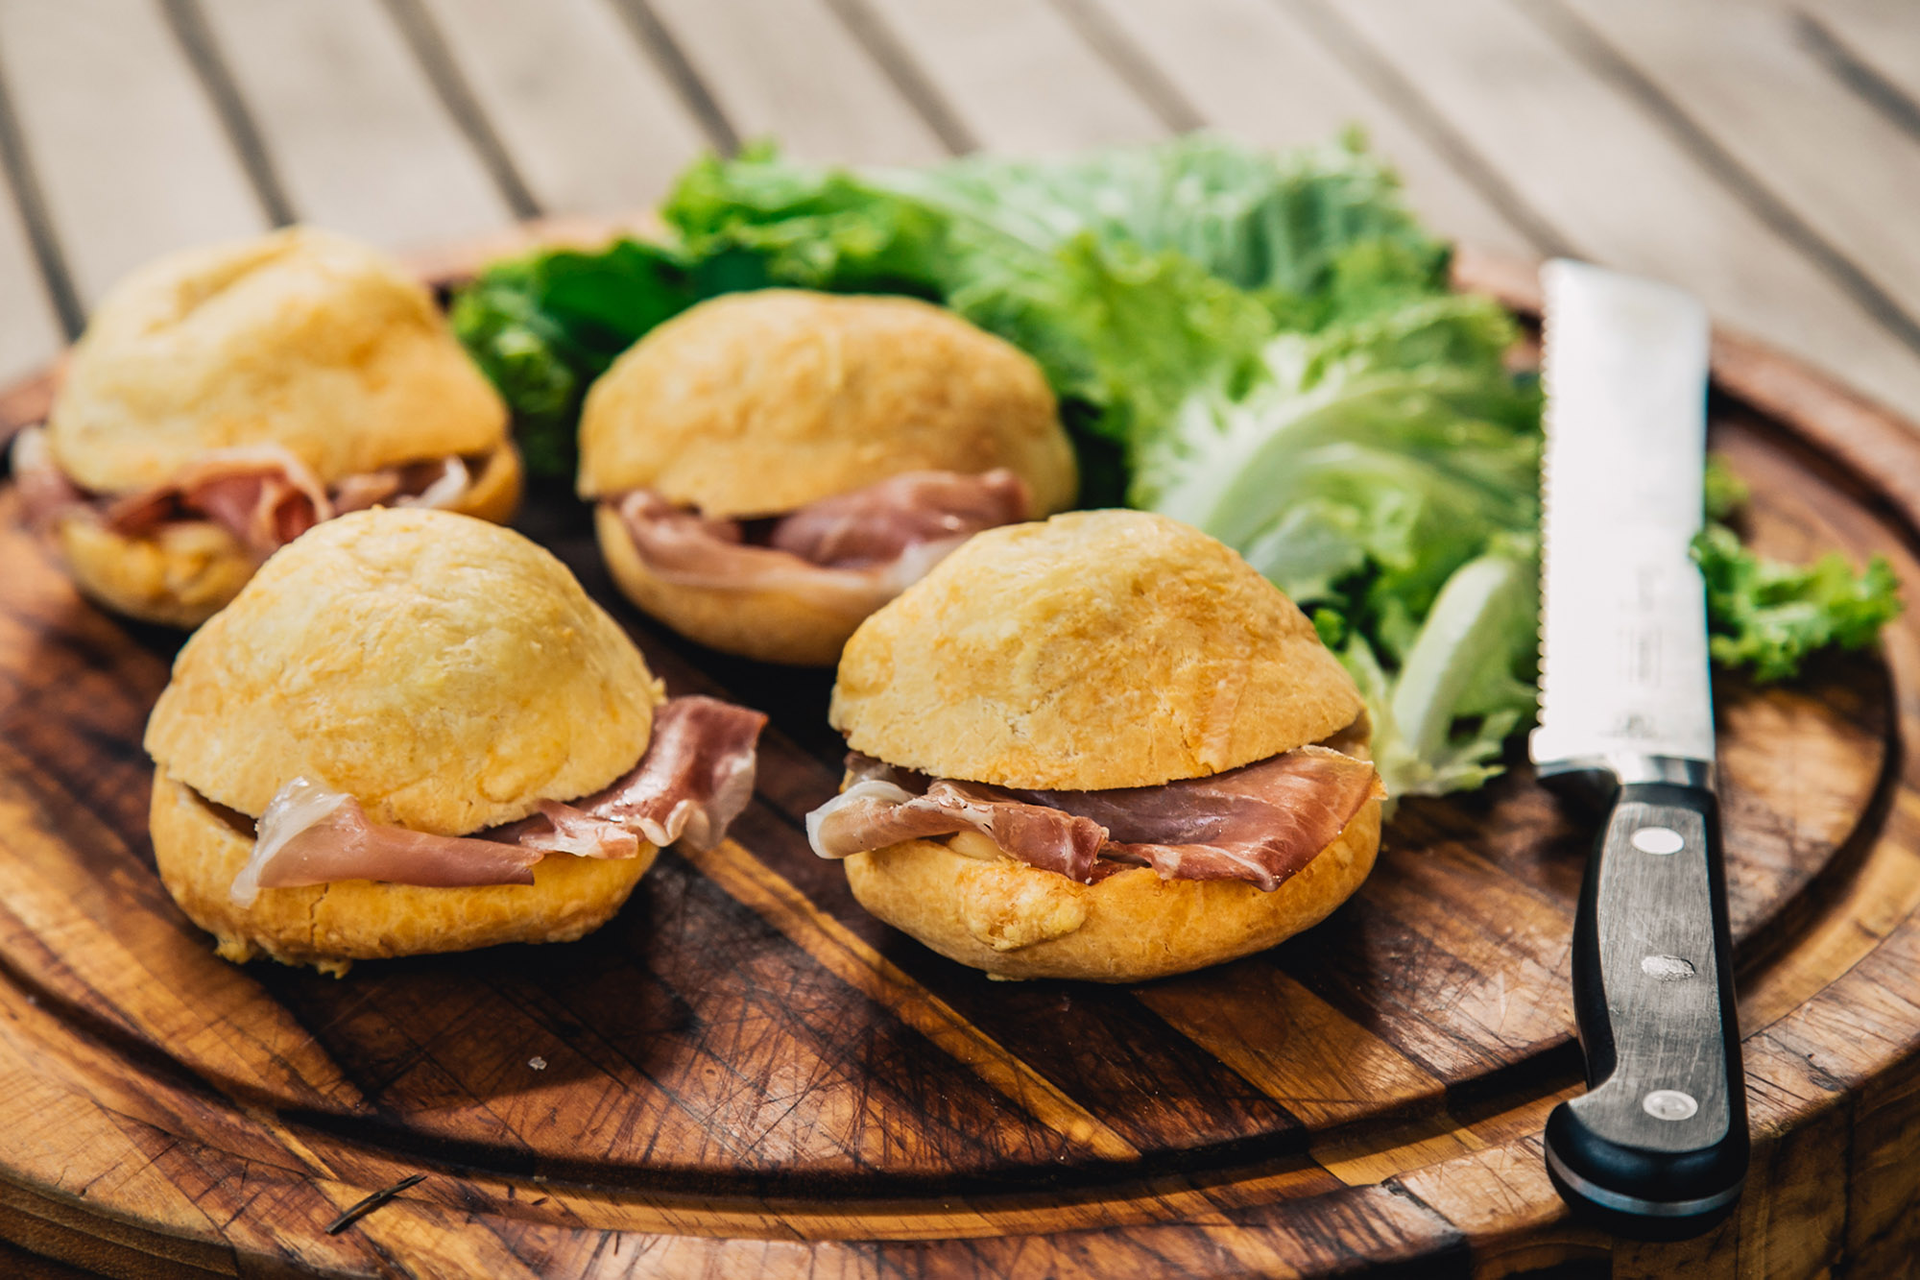 pao-de-queijo-de-provolone-com-recheio-de-parma-imagem-menu-destaque-32d21e12ca@2x